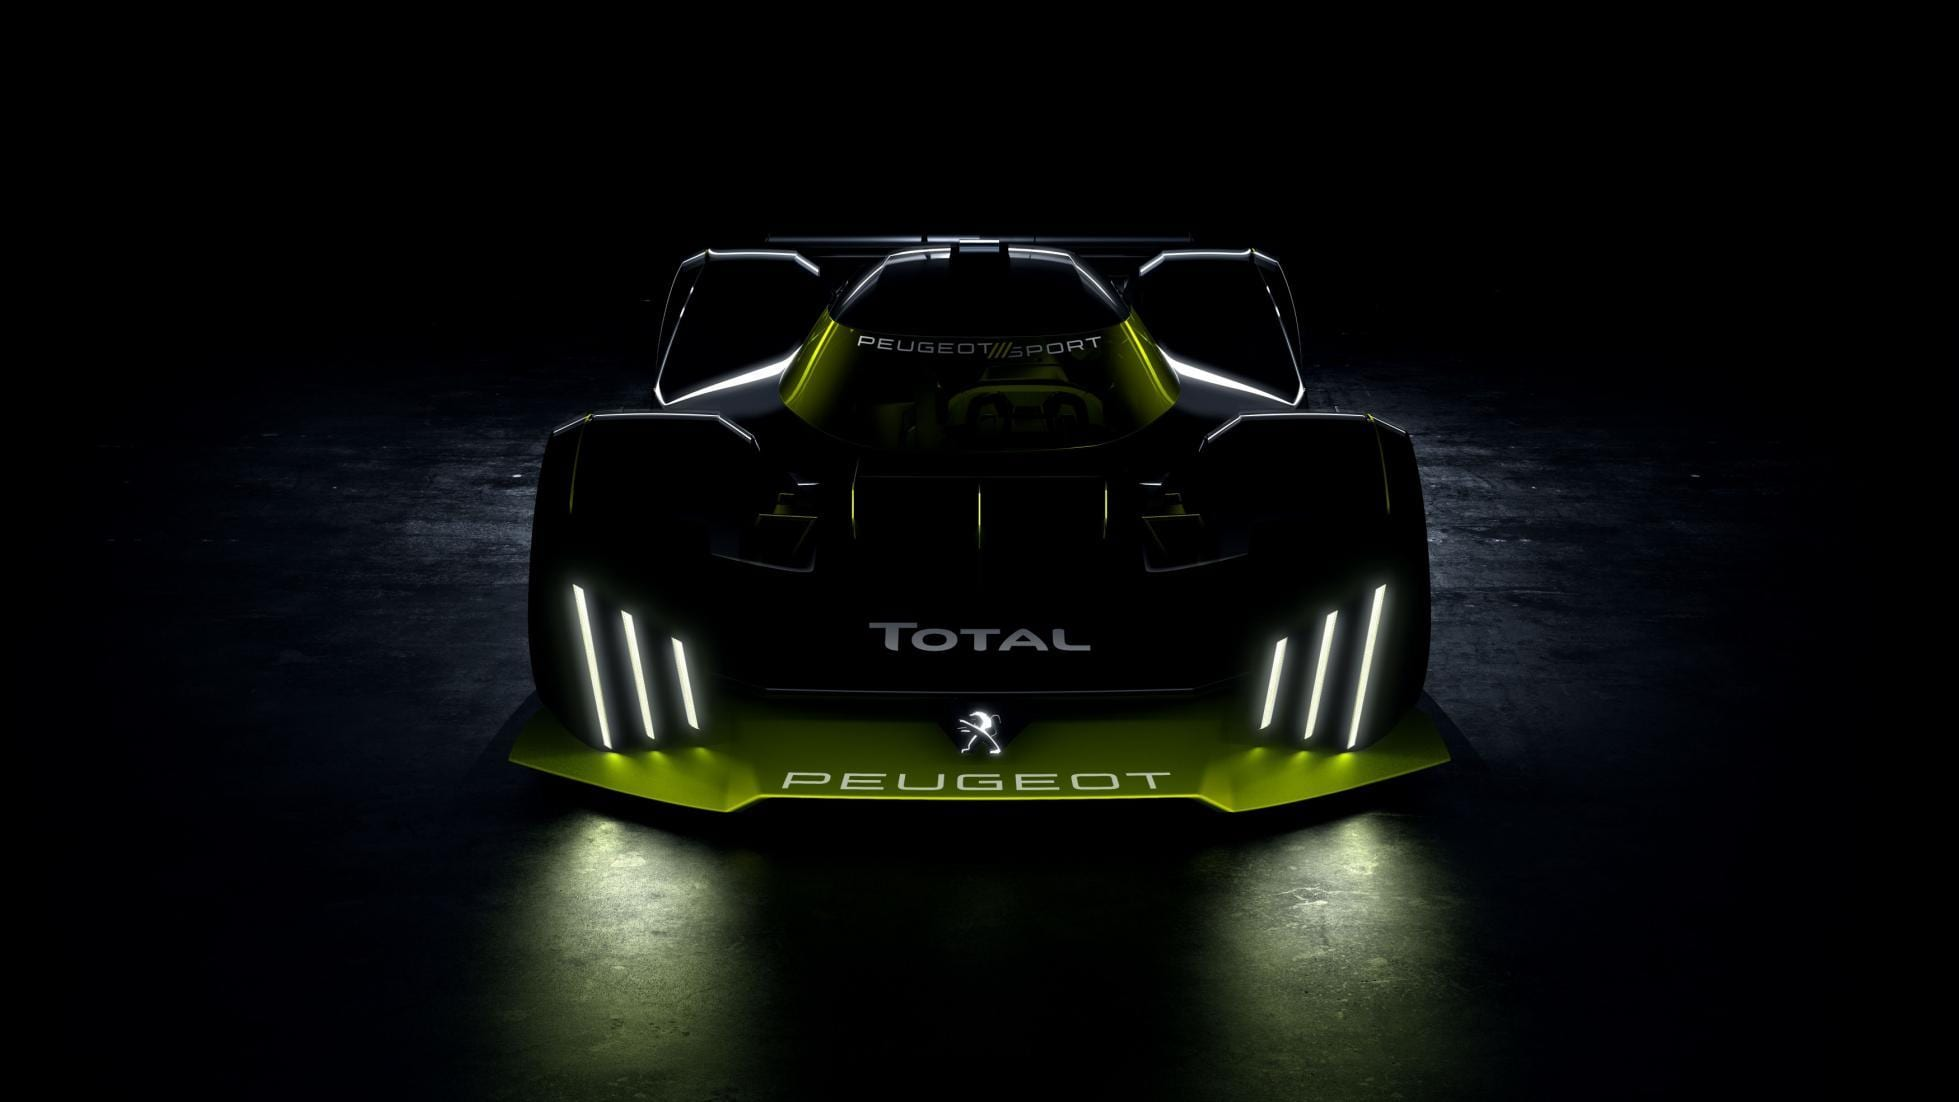 Peugeot torna alla 24 Ore Le Mans con il suo Hybrid4 500kW